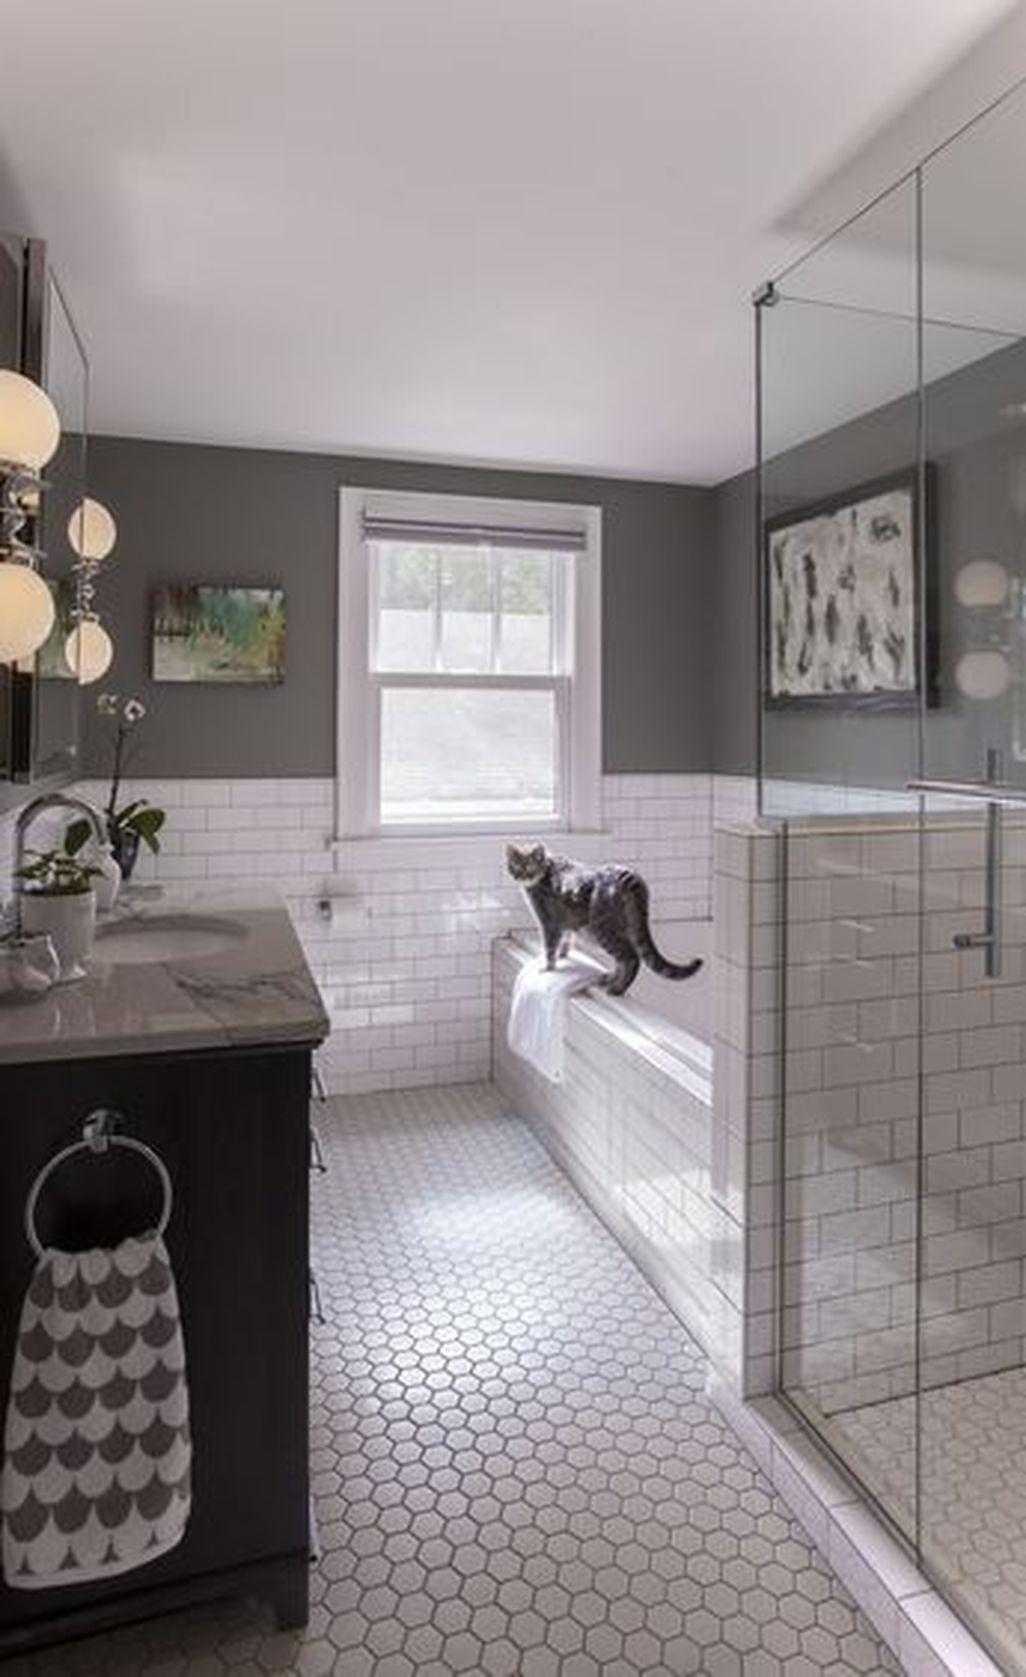 Easy Bathroom Remodel Organization Ideas 01 Small Bathroom